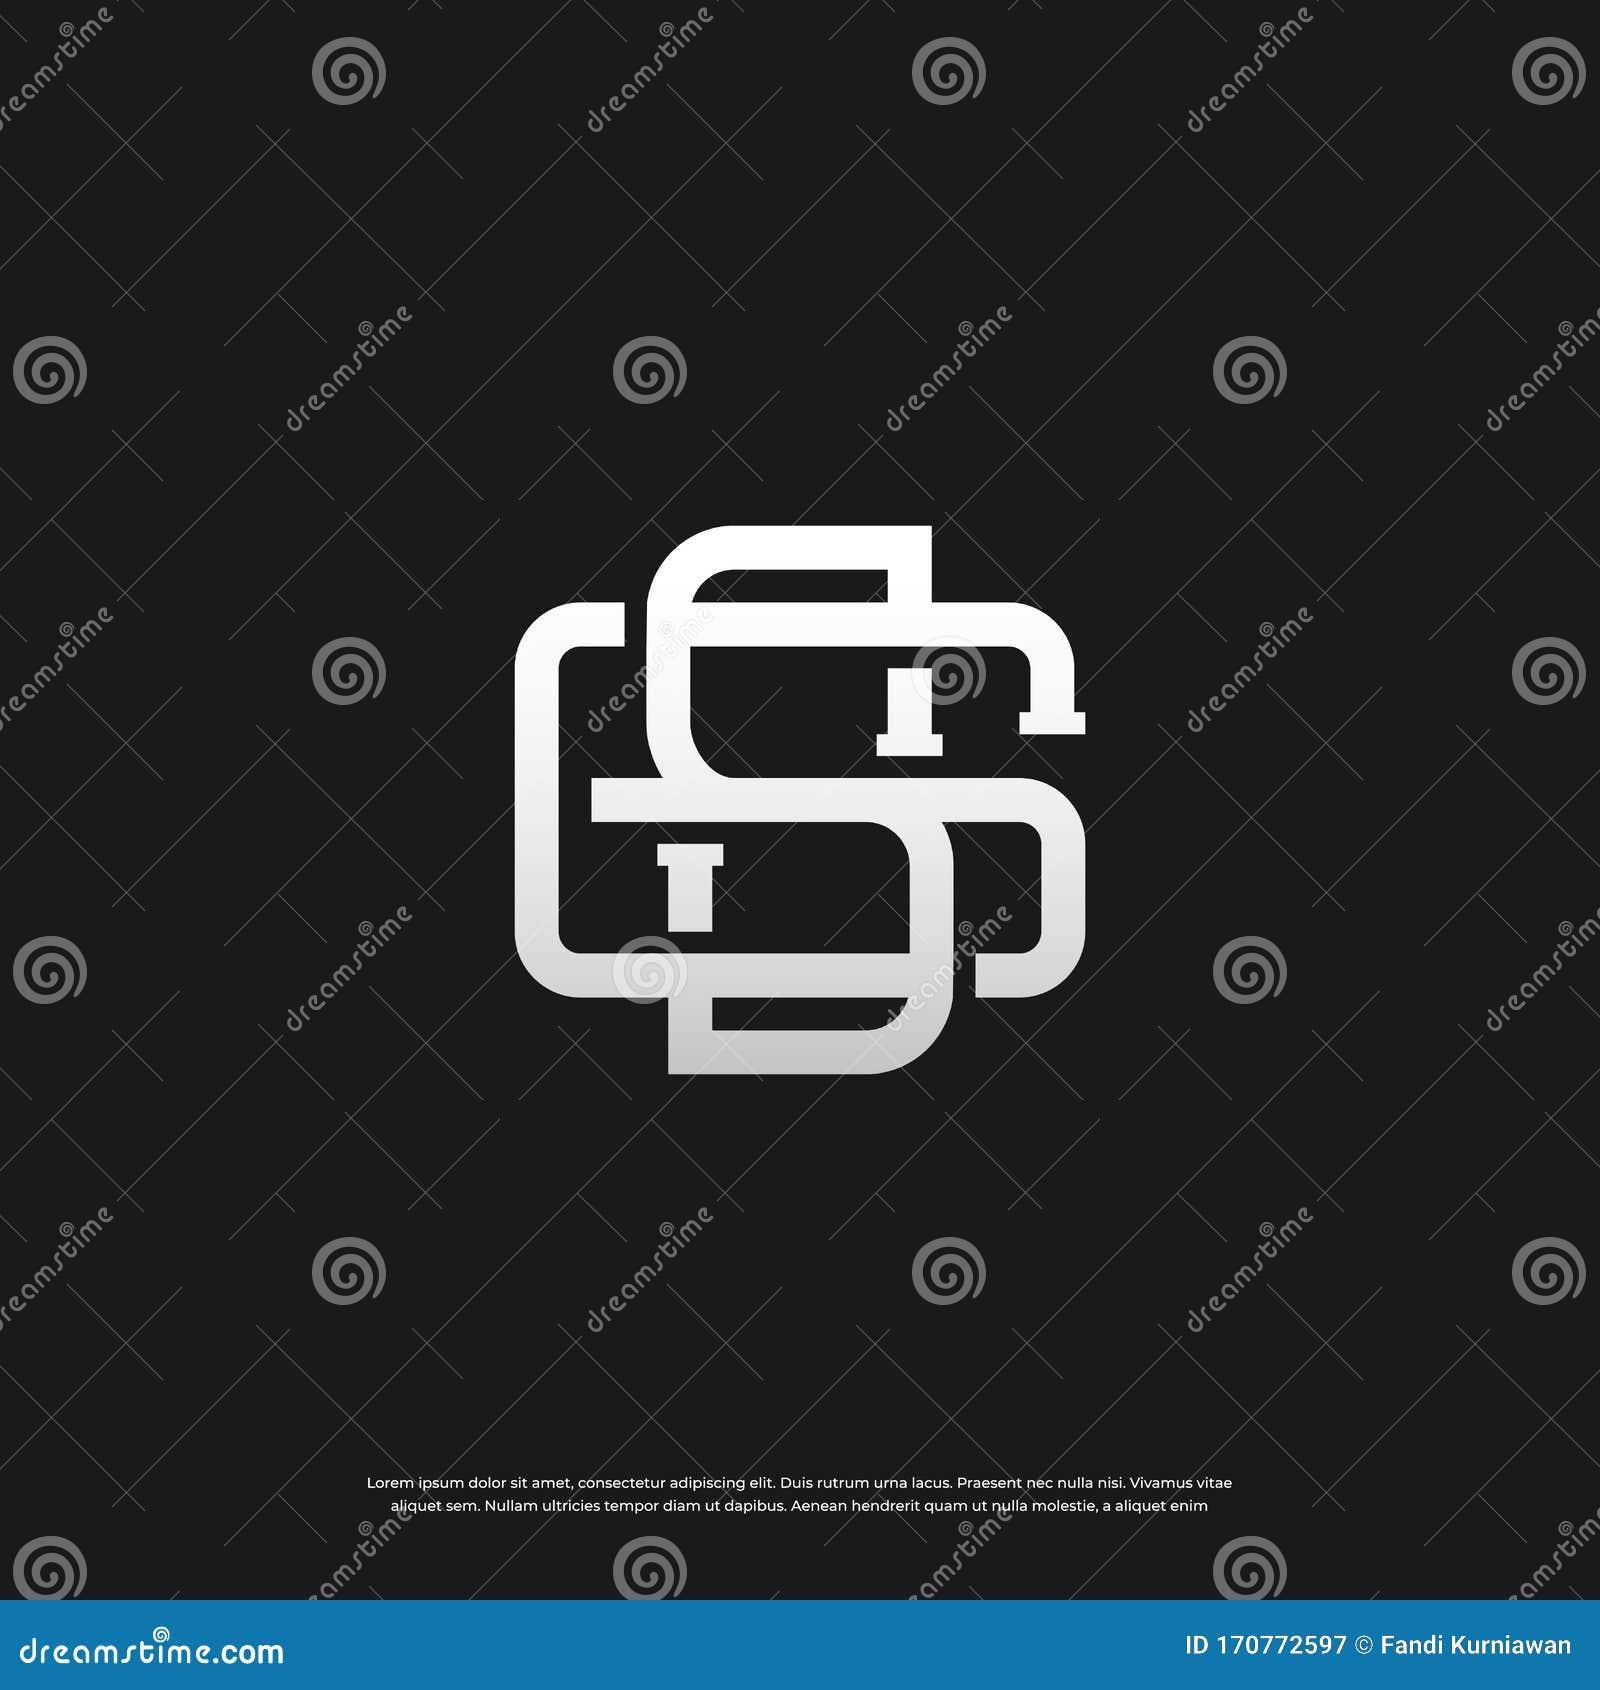 Letter Gs Sg G S Monogram Logo Design Vector Illustration Stock Vector Illustration Of Finance Luxury 170772597